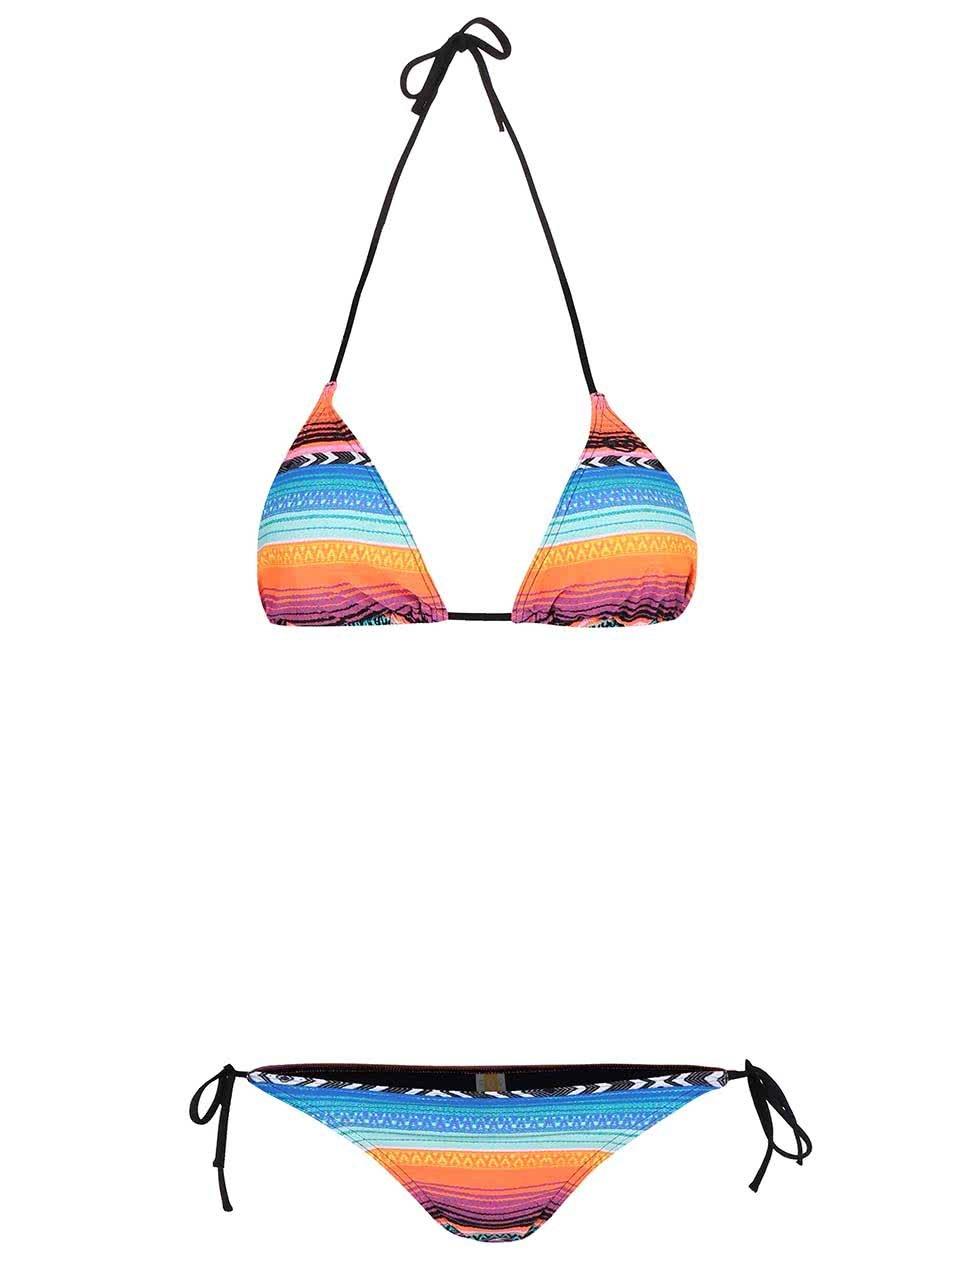 Barevné dvoudílné vzorované plavky Rip Curl Lolita